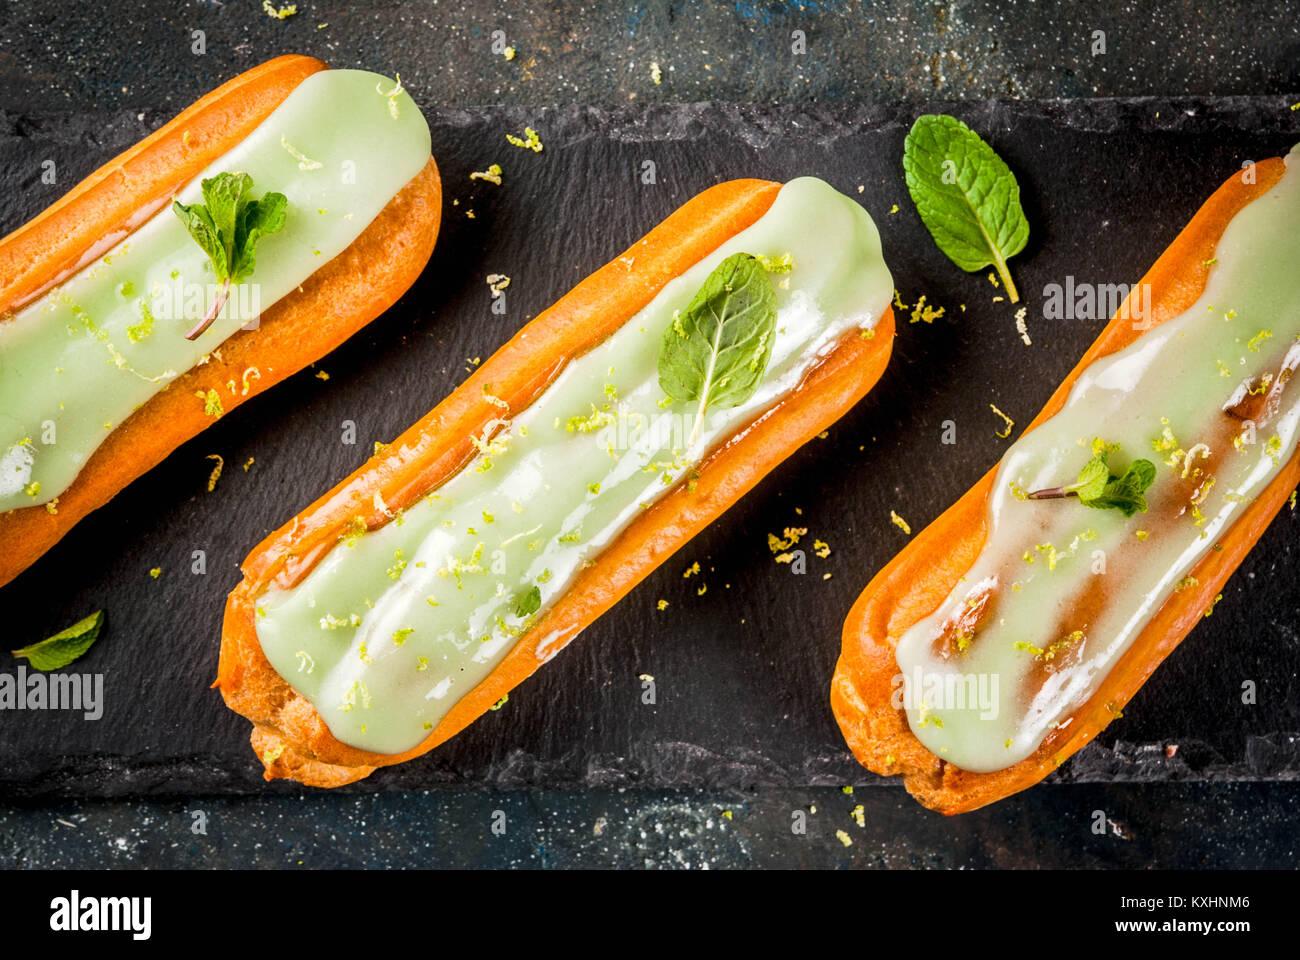 Tradizionale Francese dessert. Il Mojito Eclairs con la scorza del lime e foglie di menta, su sfondo blu scuro, Immagini Stock